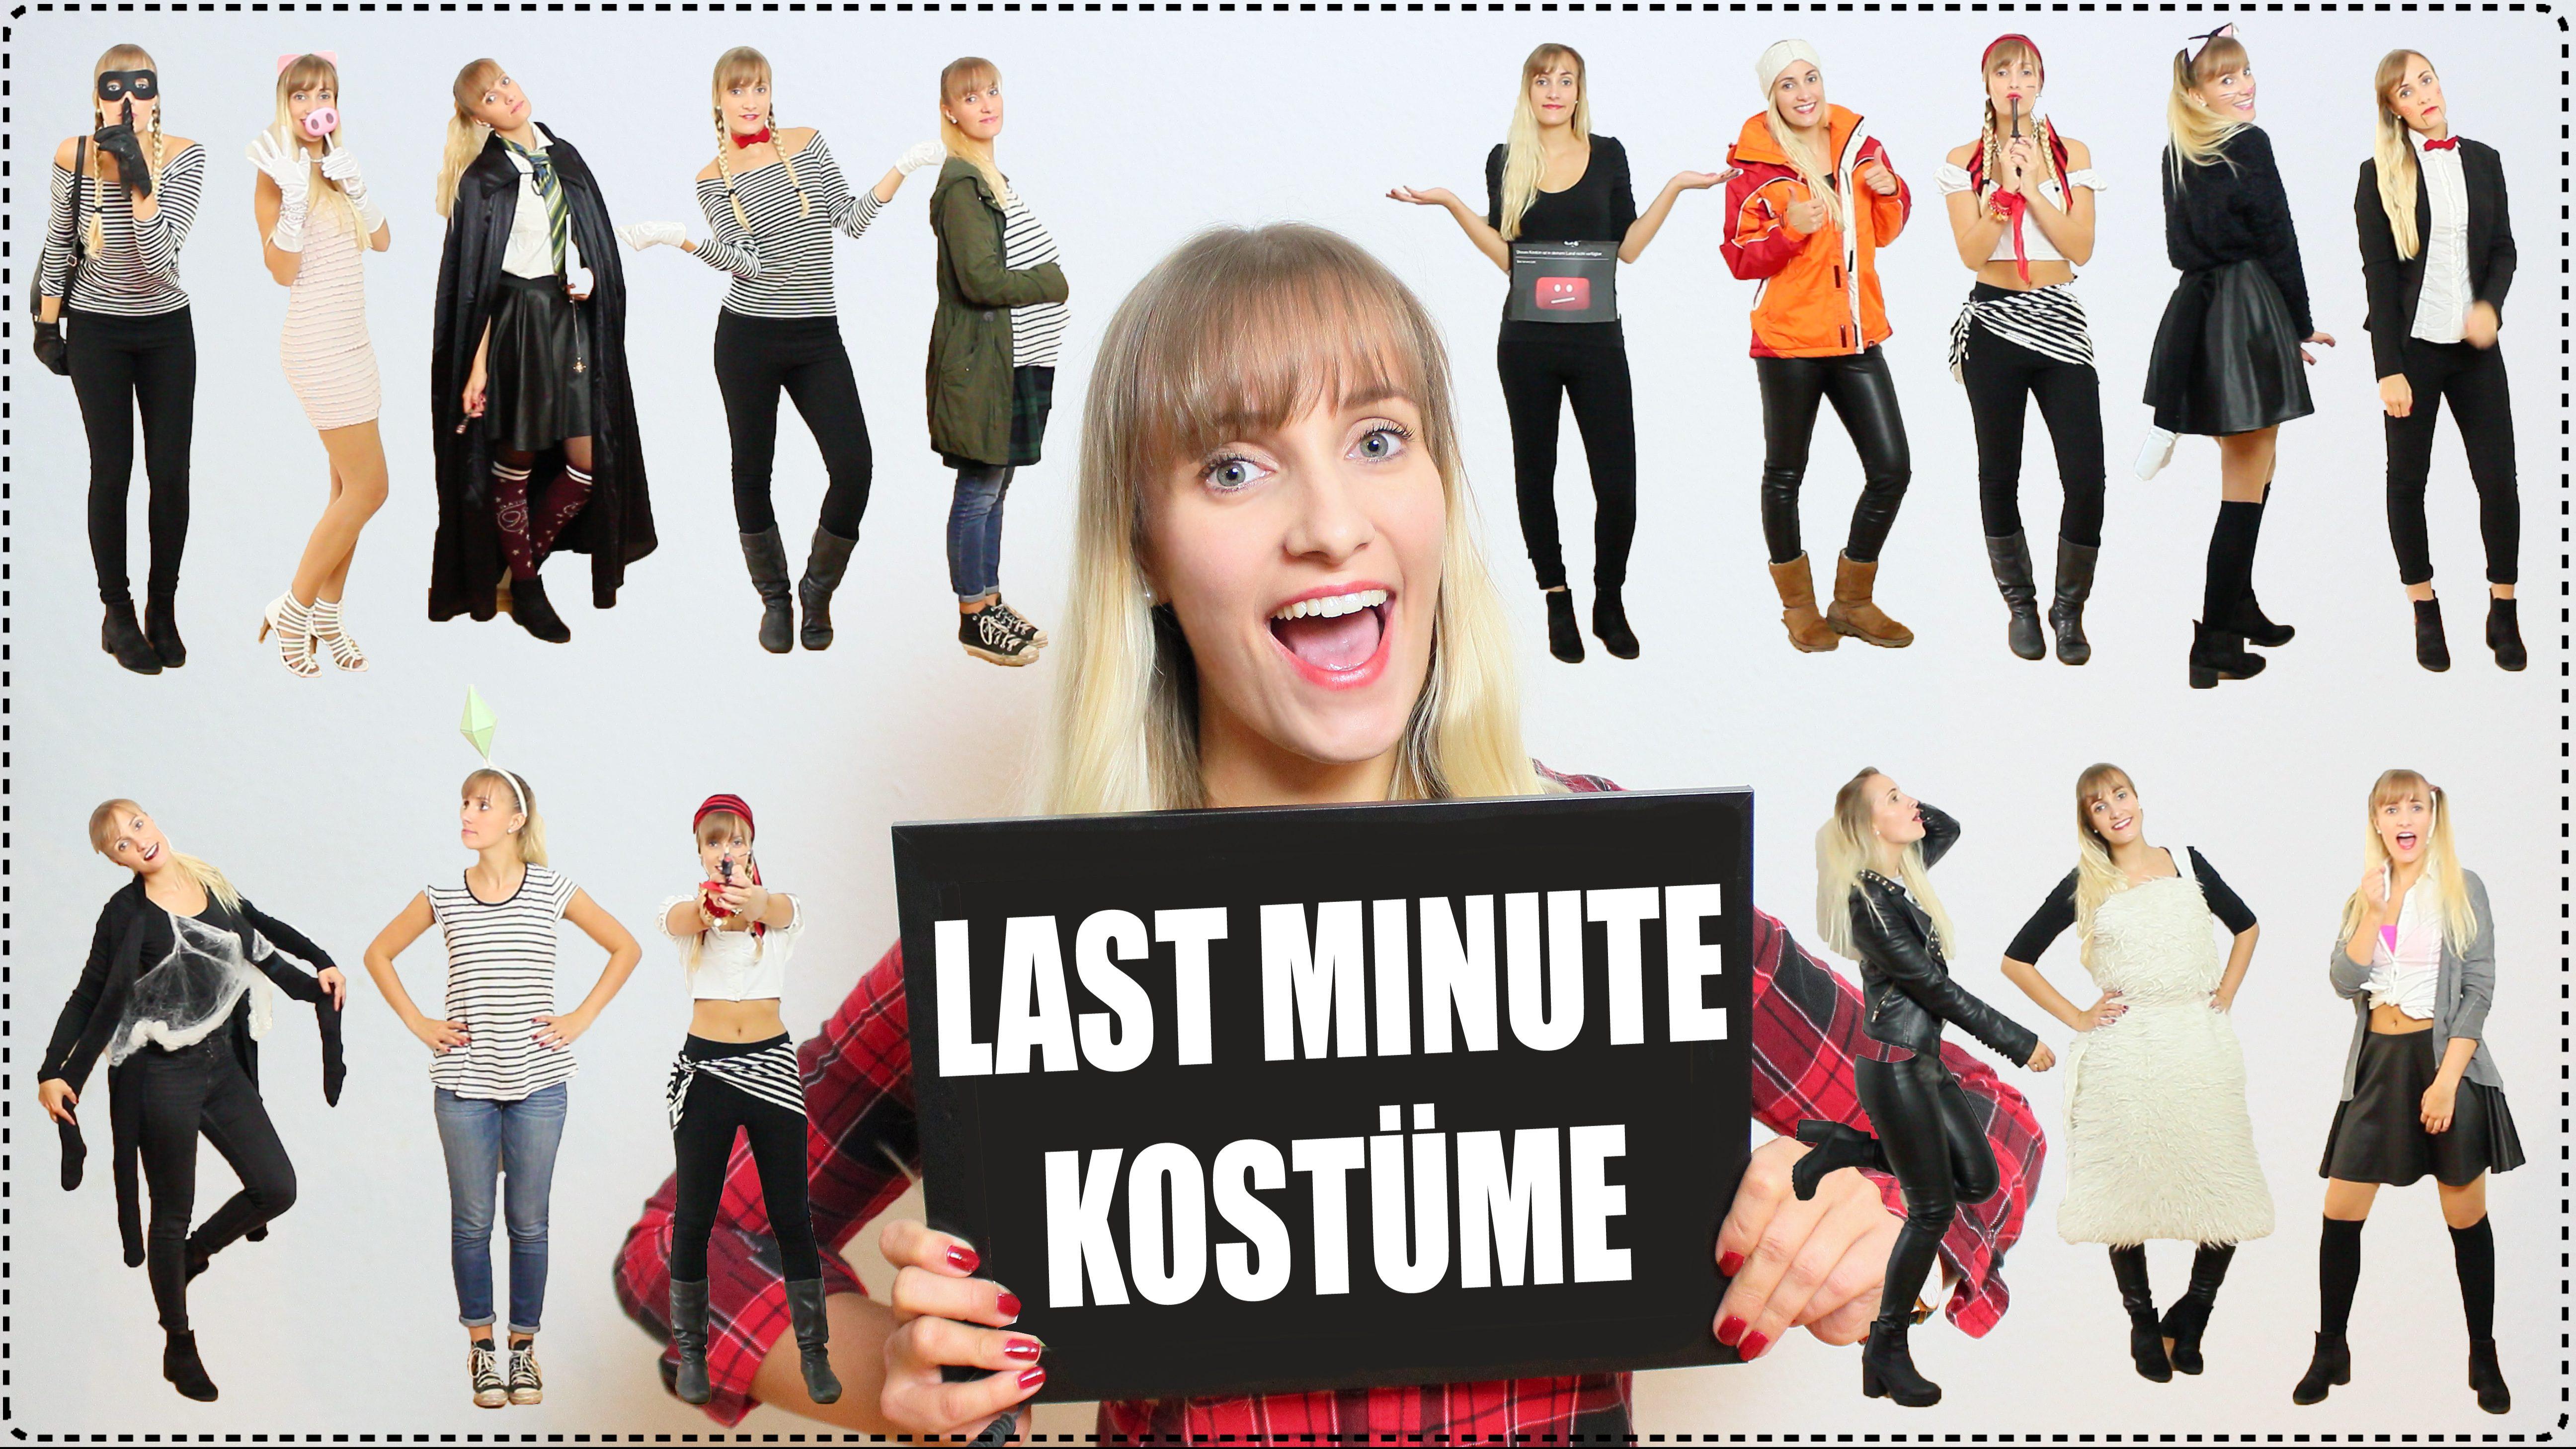 Last Minute Kostümideen DIY